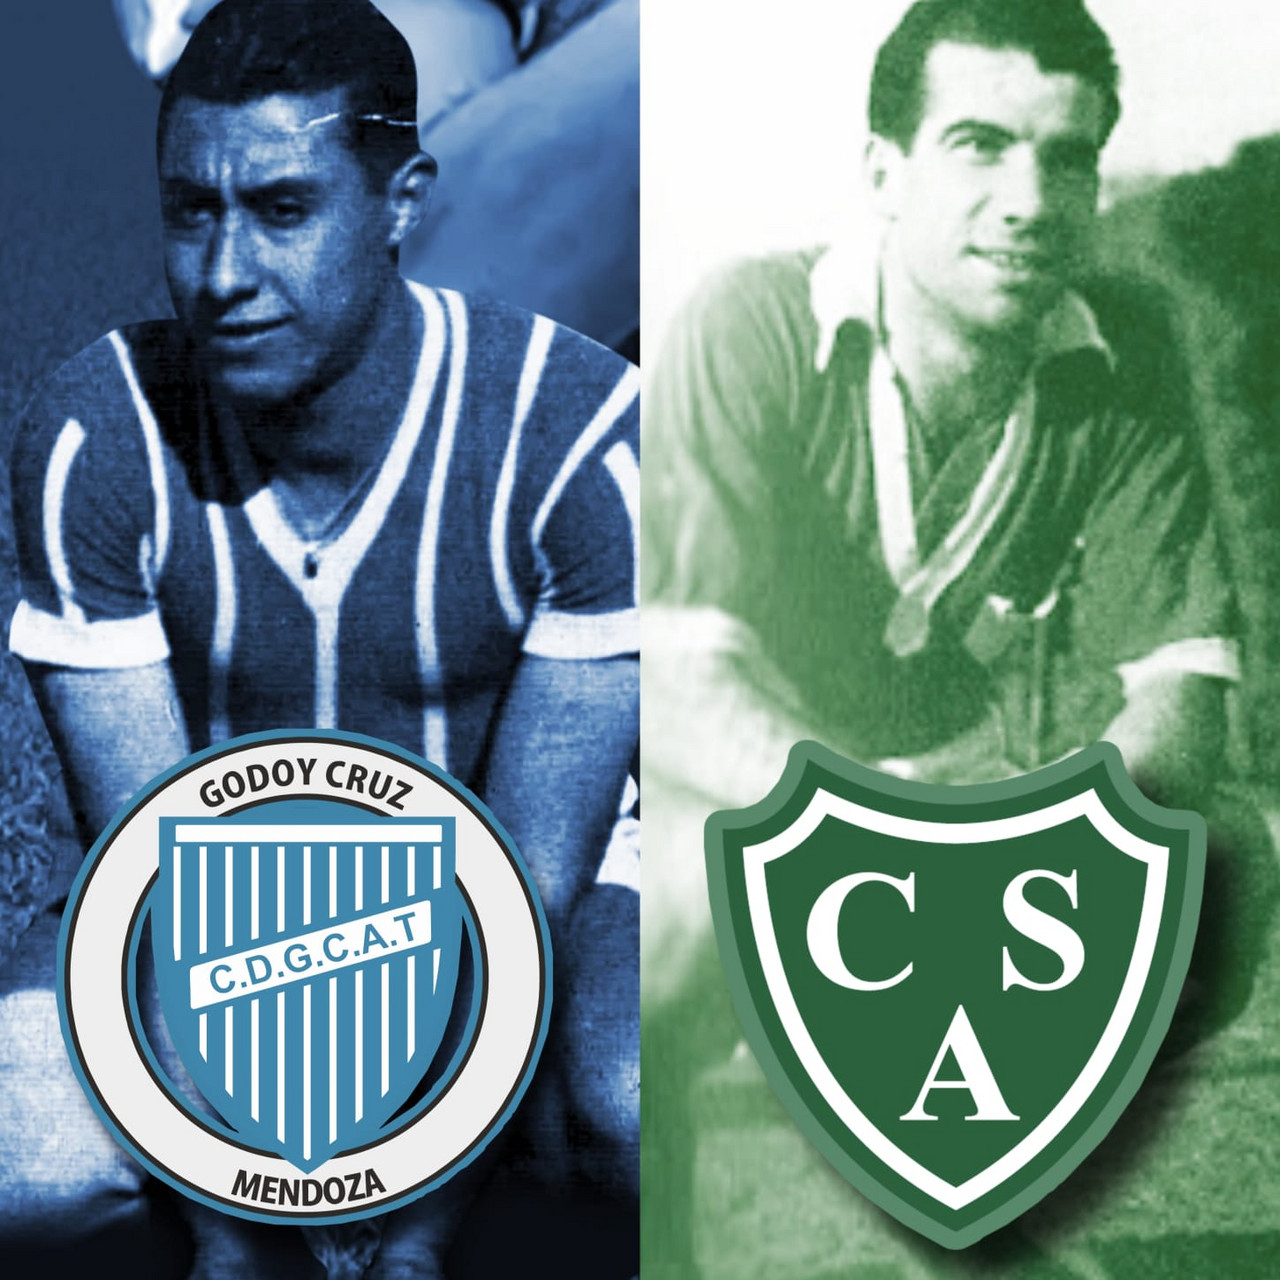 ¿Quién es el jugador con más presencias de la historia de Godoy Cruz y Sarmiento?